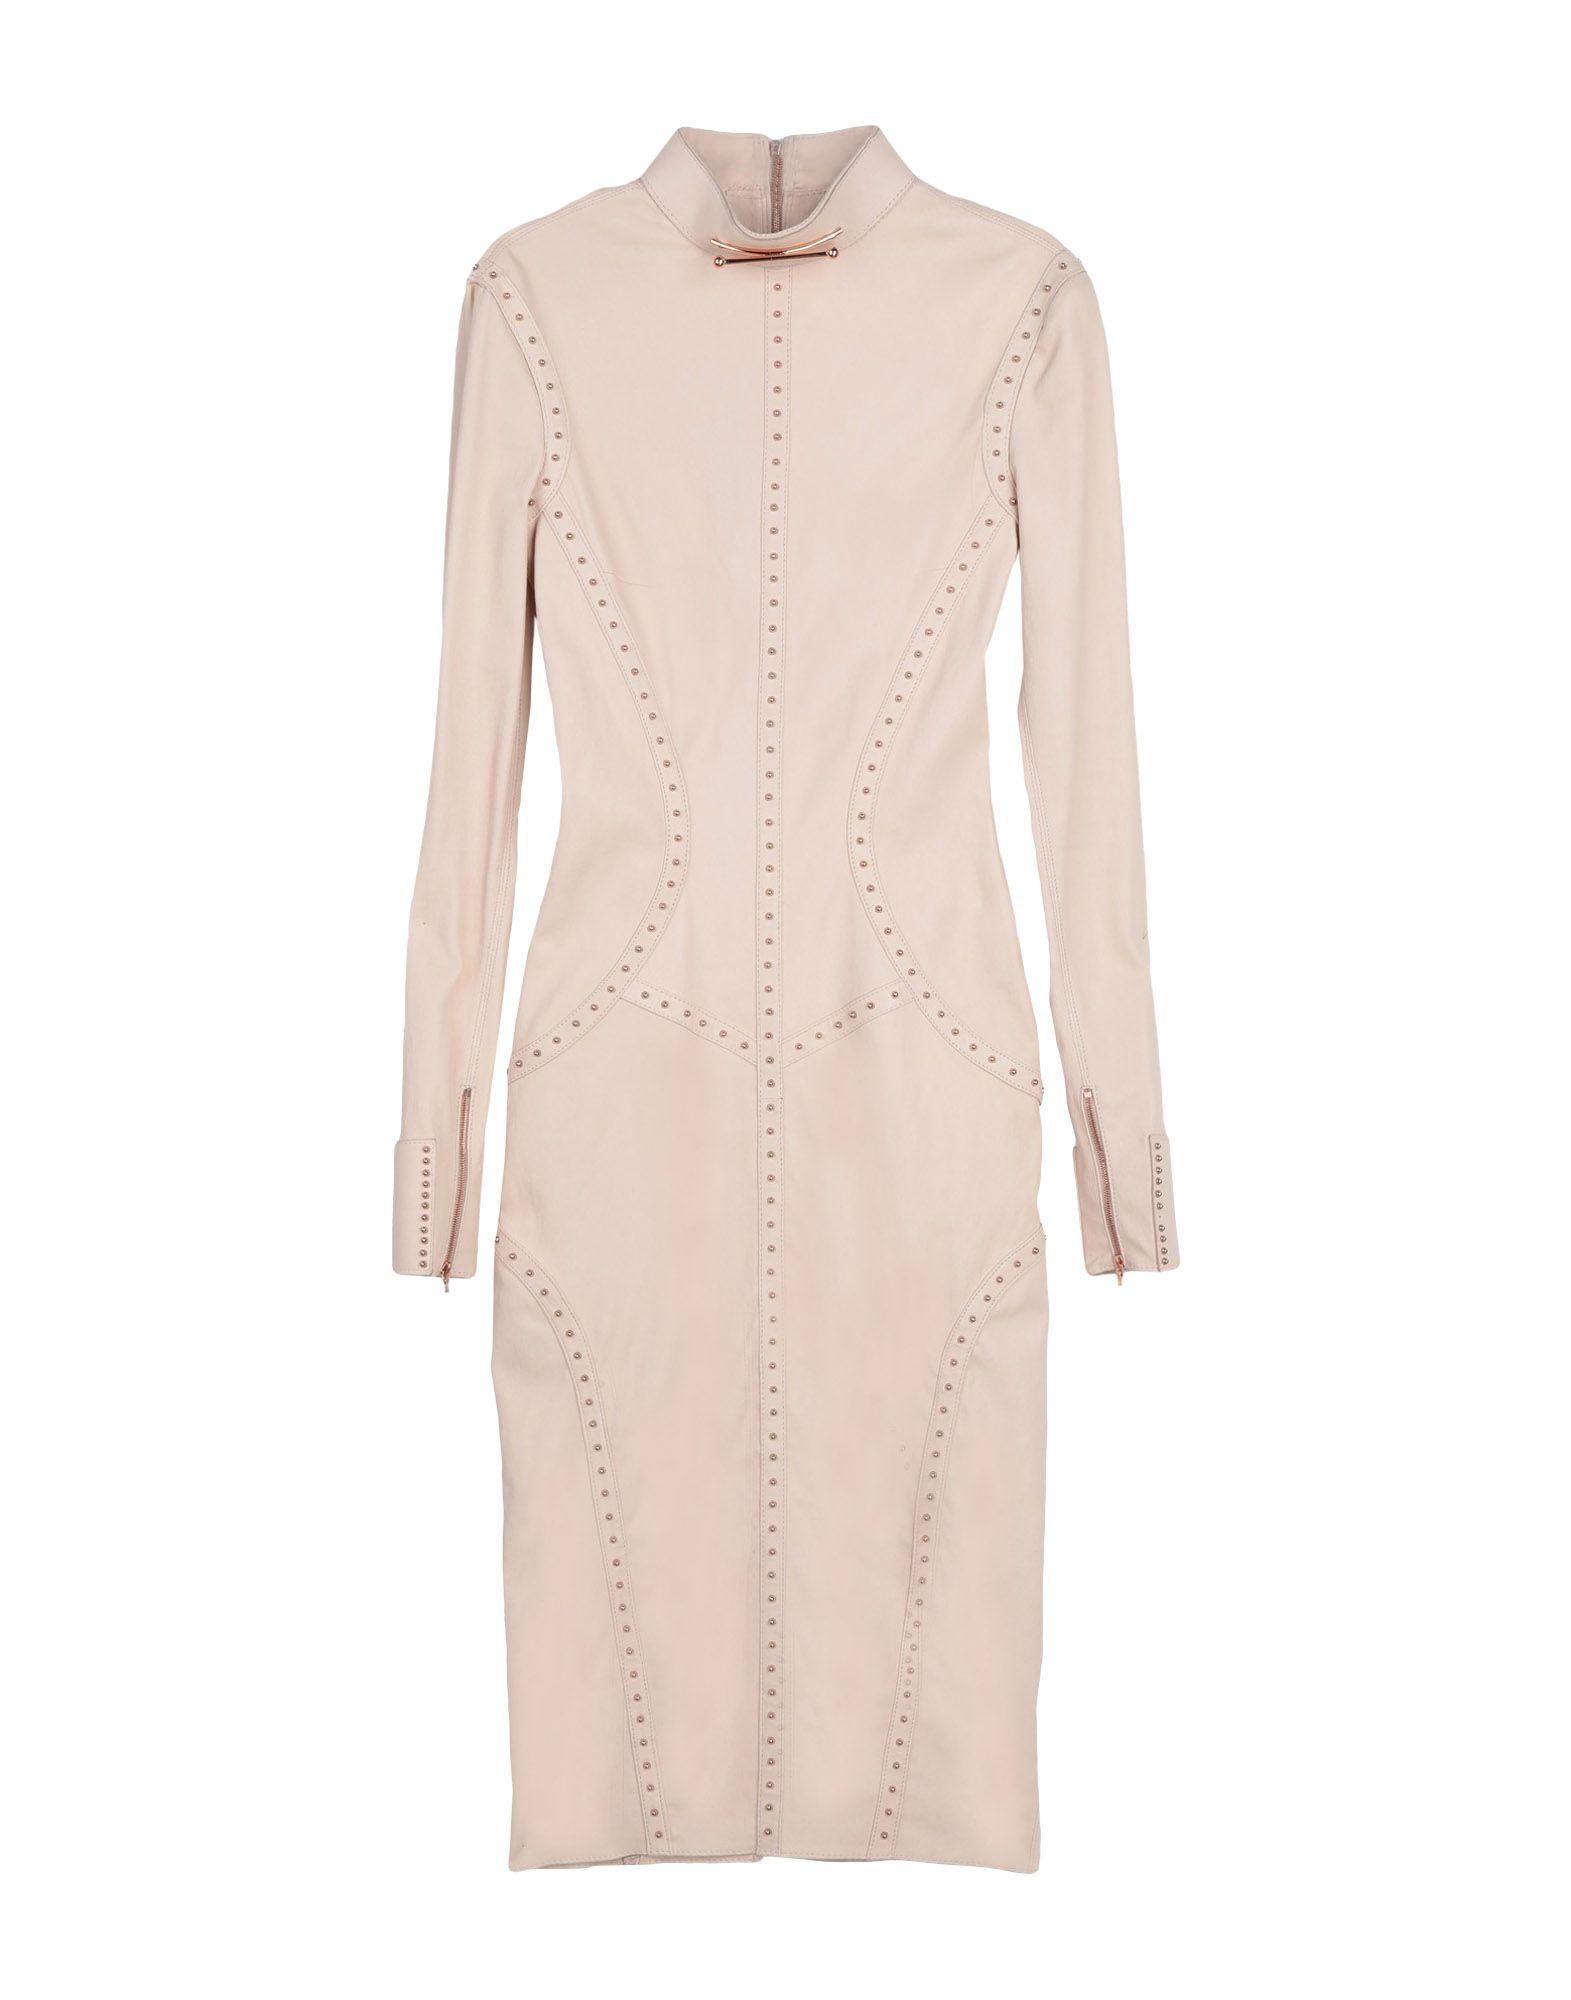 APHERO Knee-Length Dress in Pale Pink